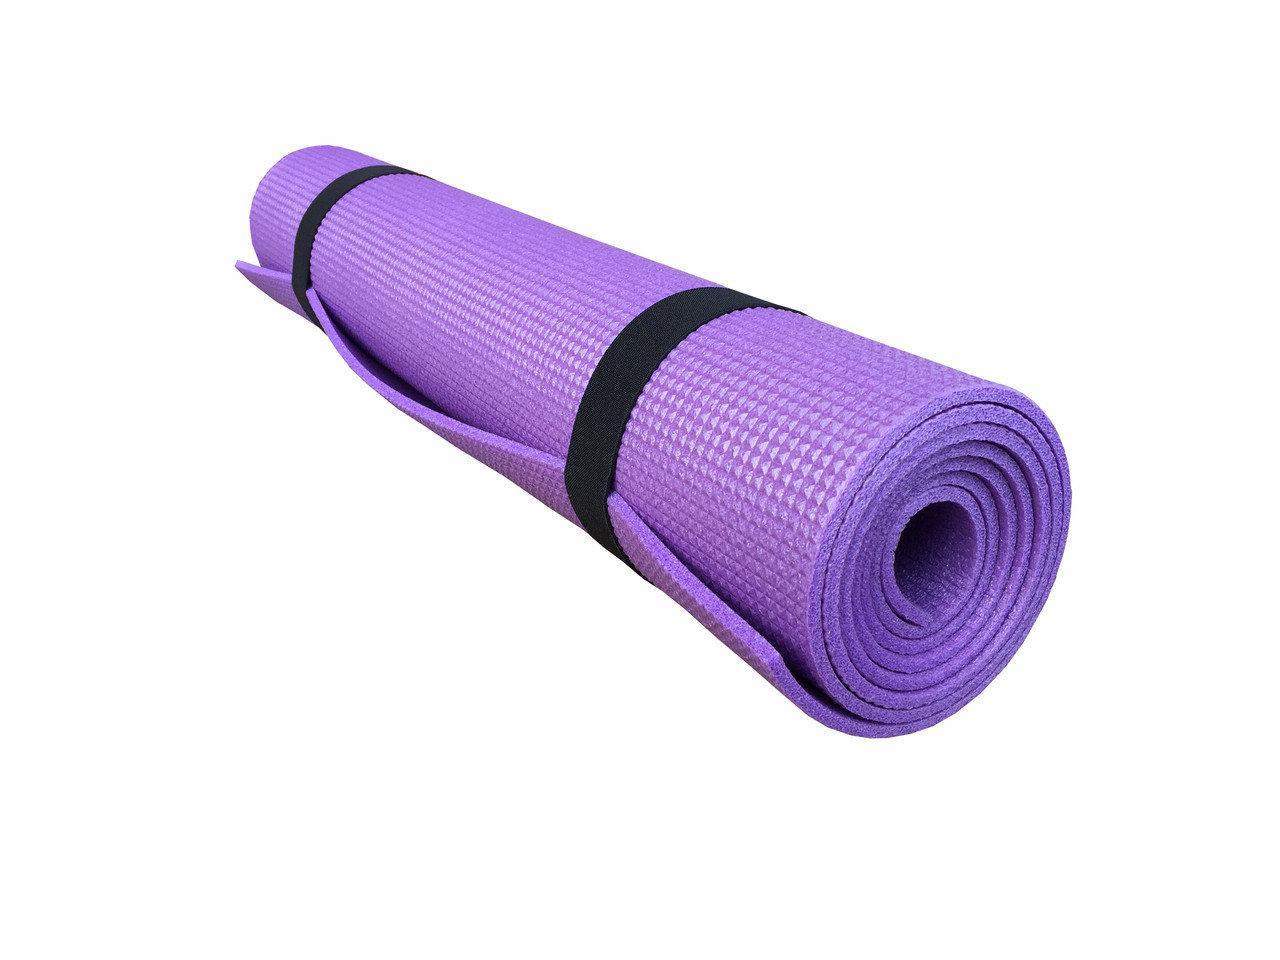 """Універсальний тонкий килимок для Дорослих, Килимок """"Комфорт"""" для йоги 1800х600х8мм. Туристичний килимок"""